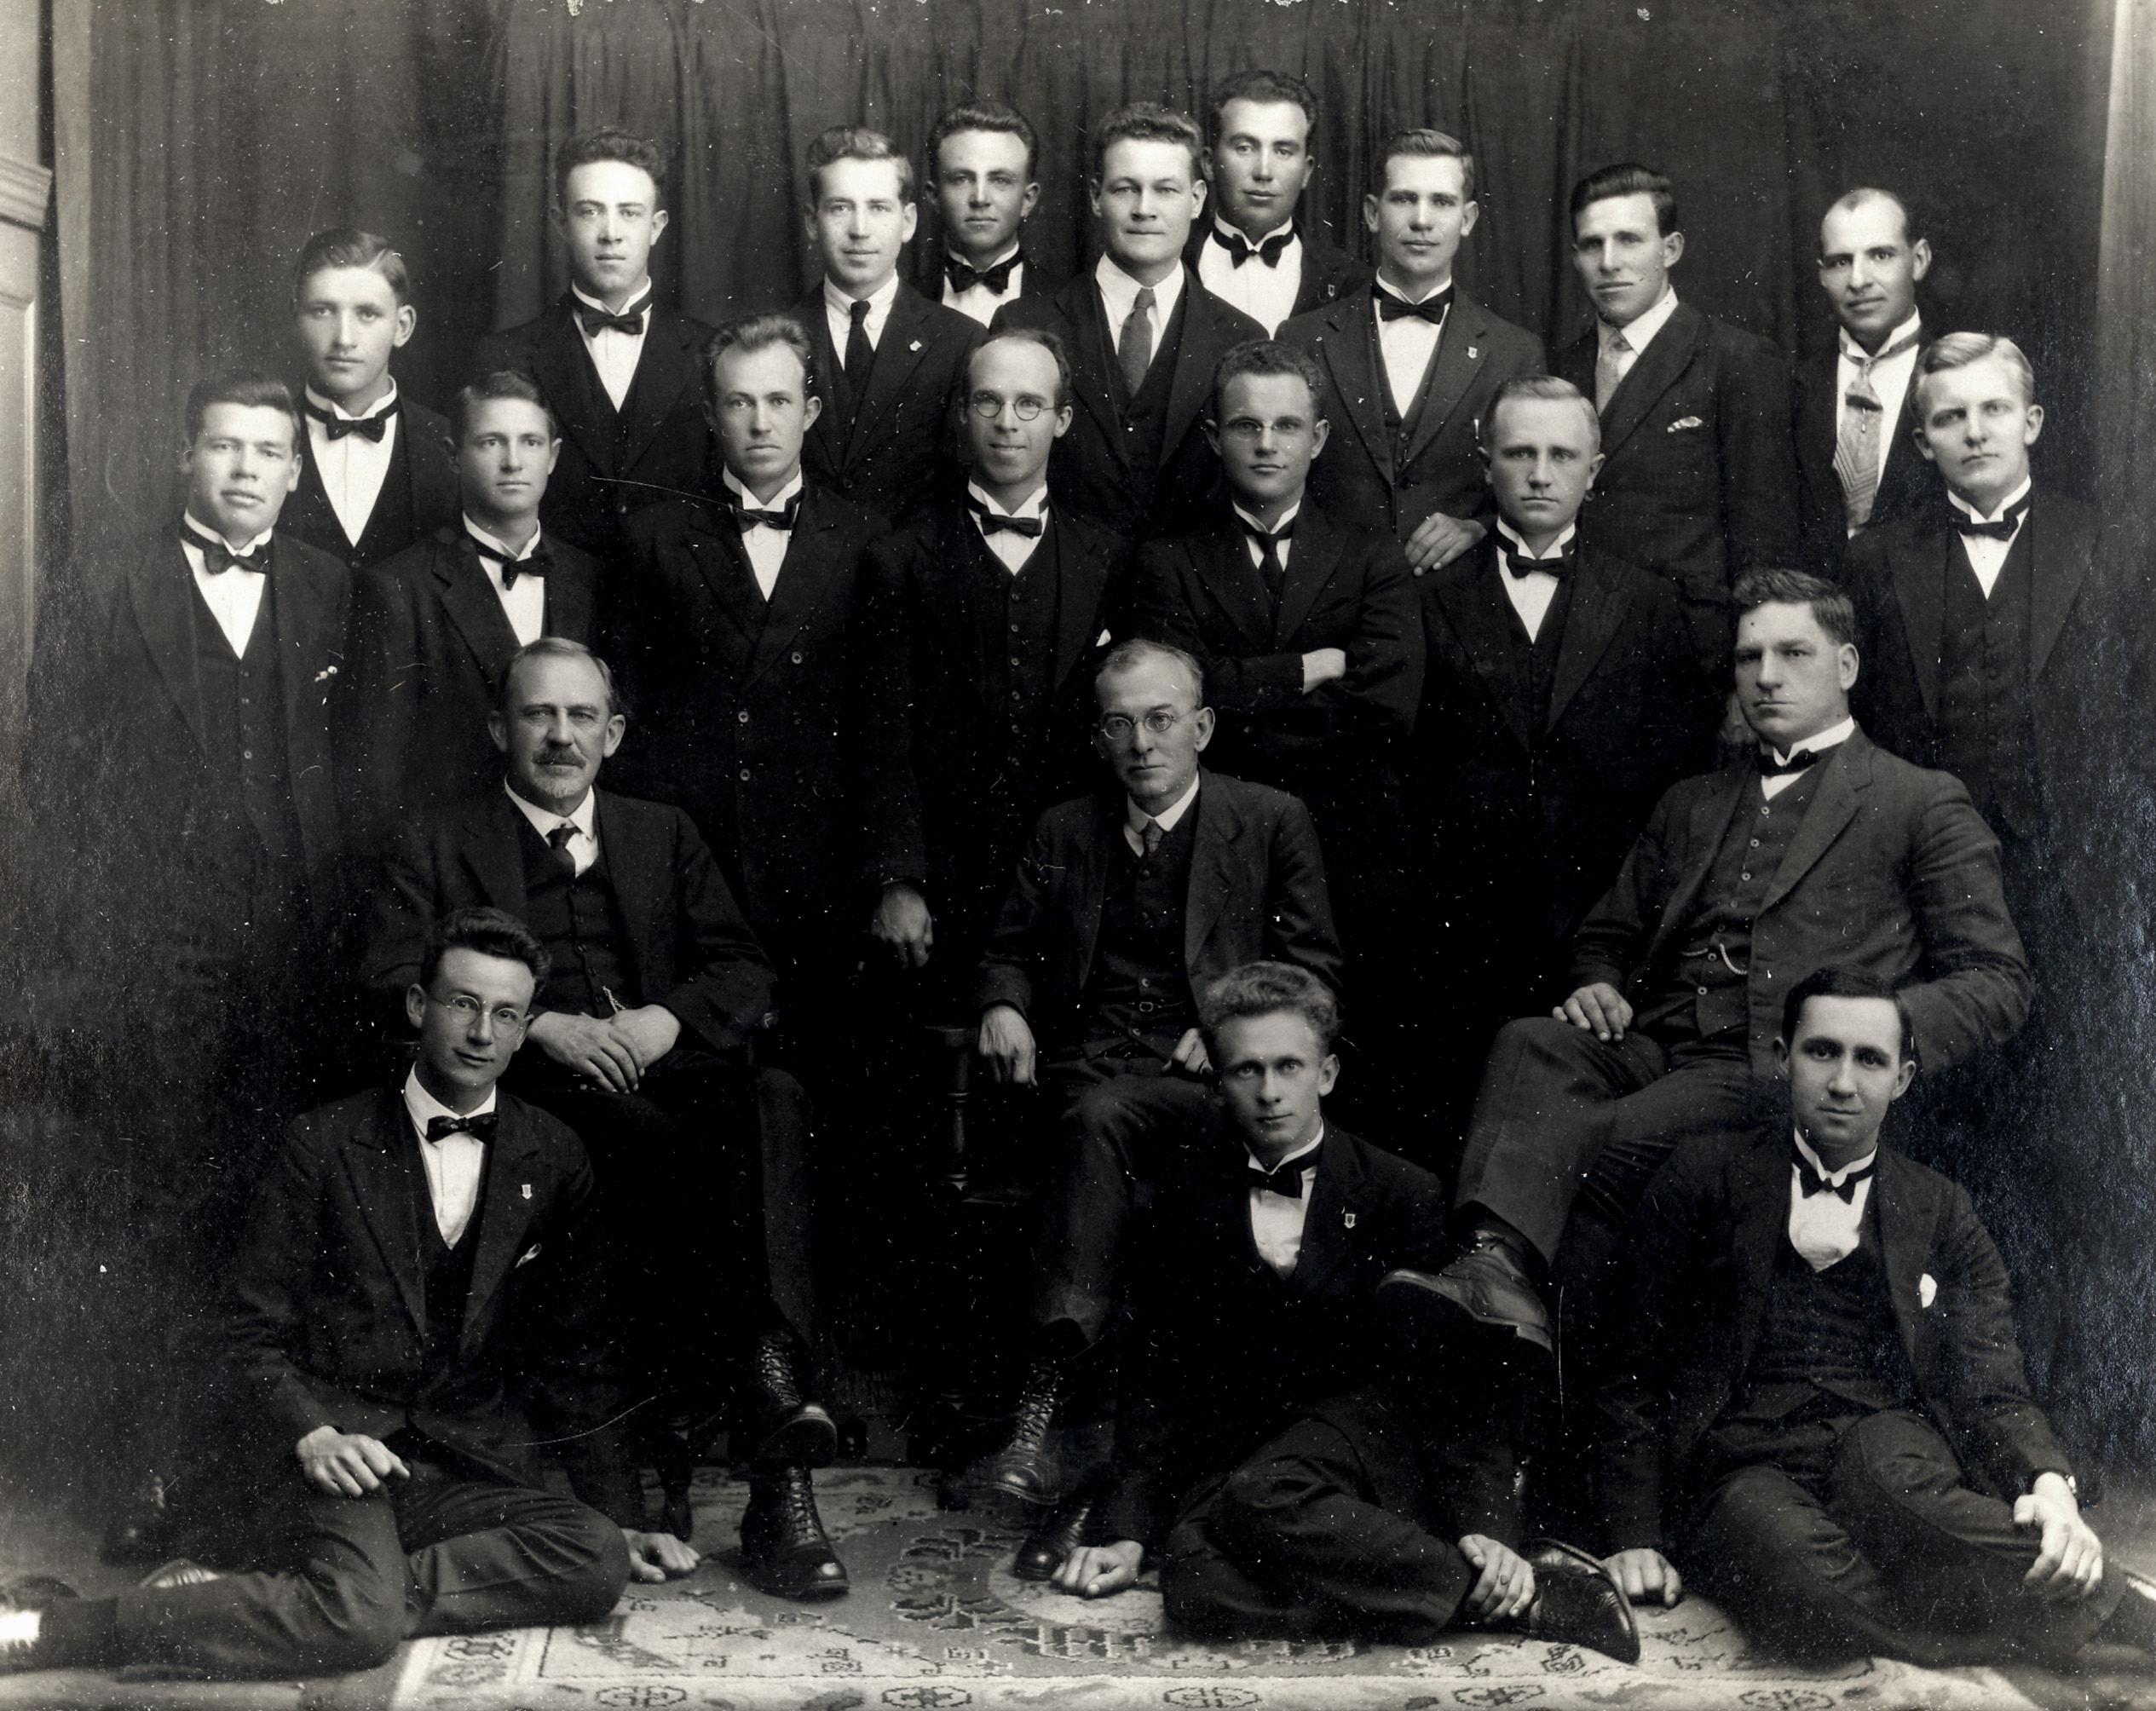 Studente_en_professore_van_die_Teologiese_Skool_Potchefstroom,_1929